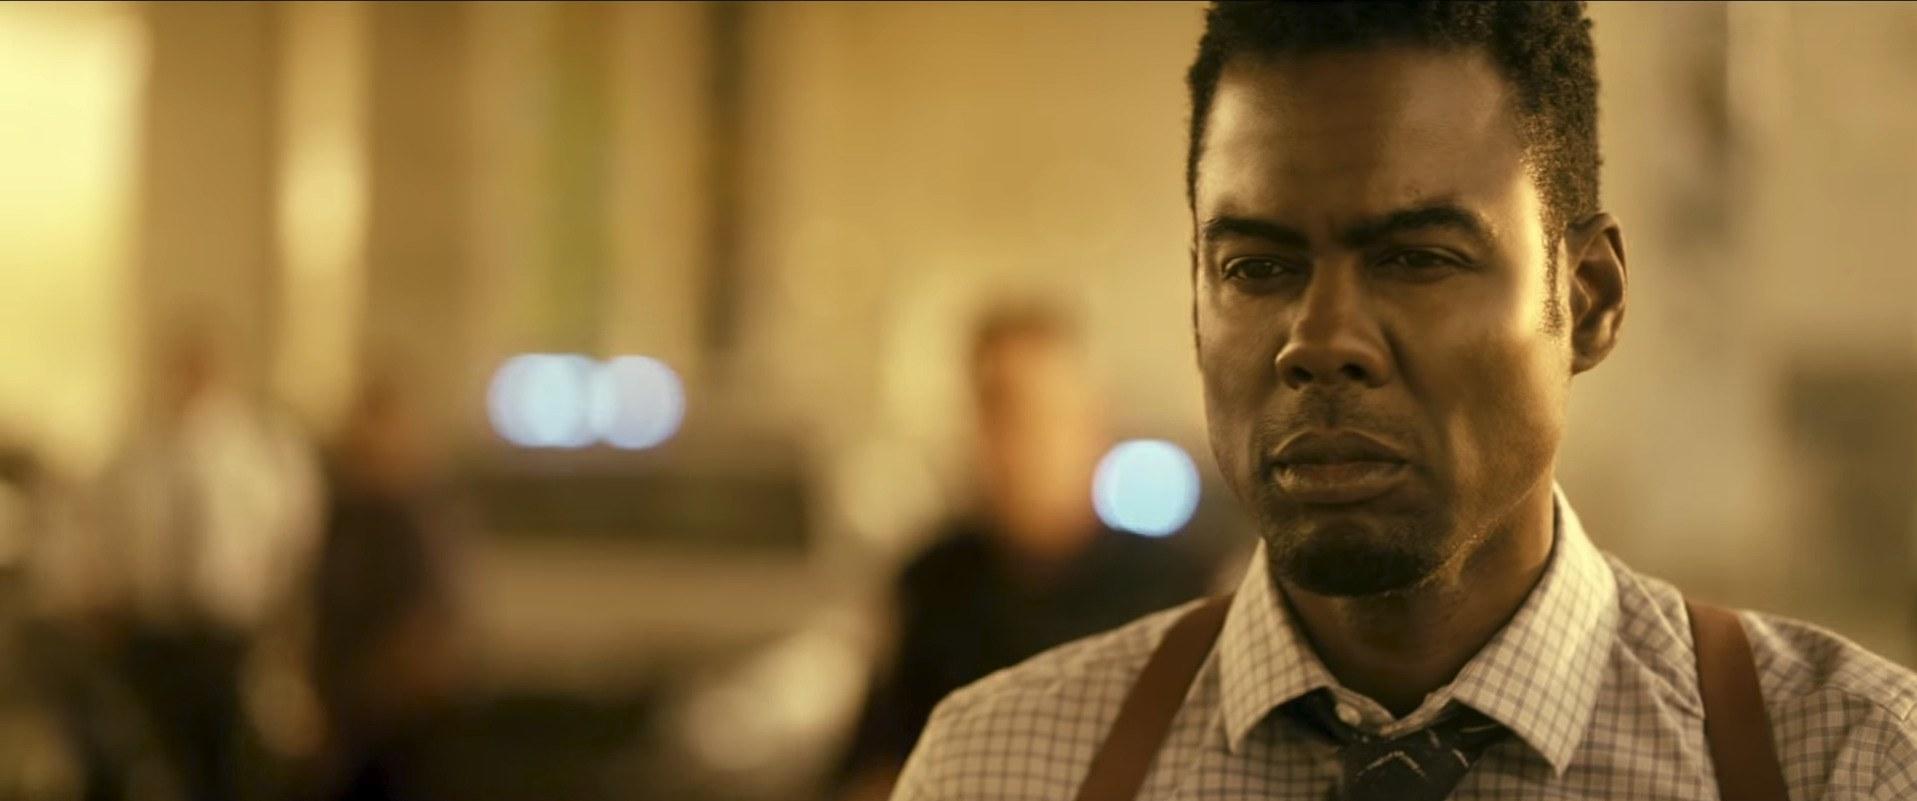 Spiral-Movie-Teaser-Trailer